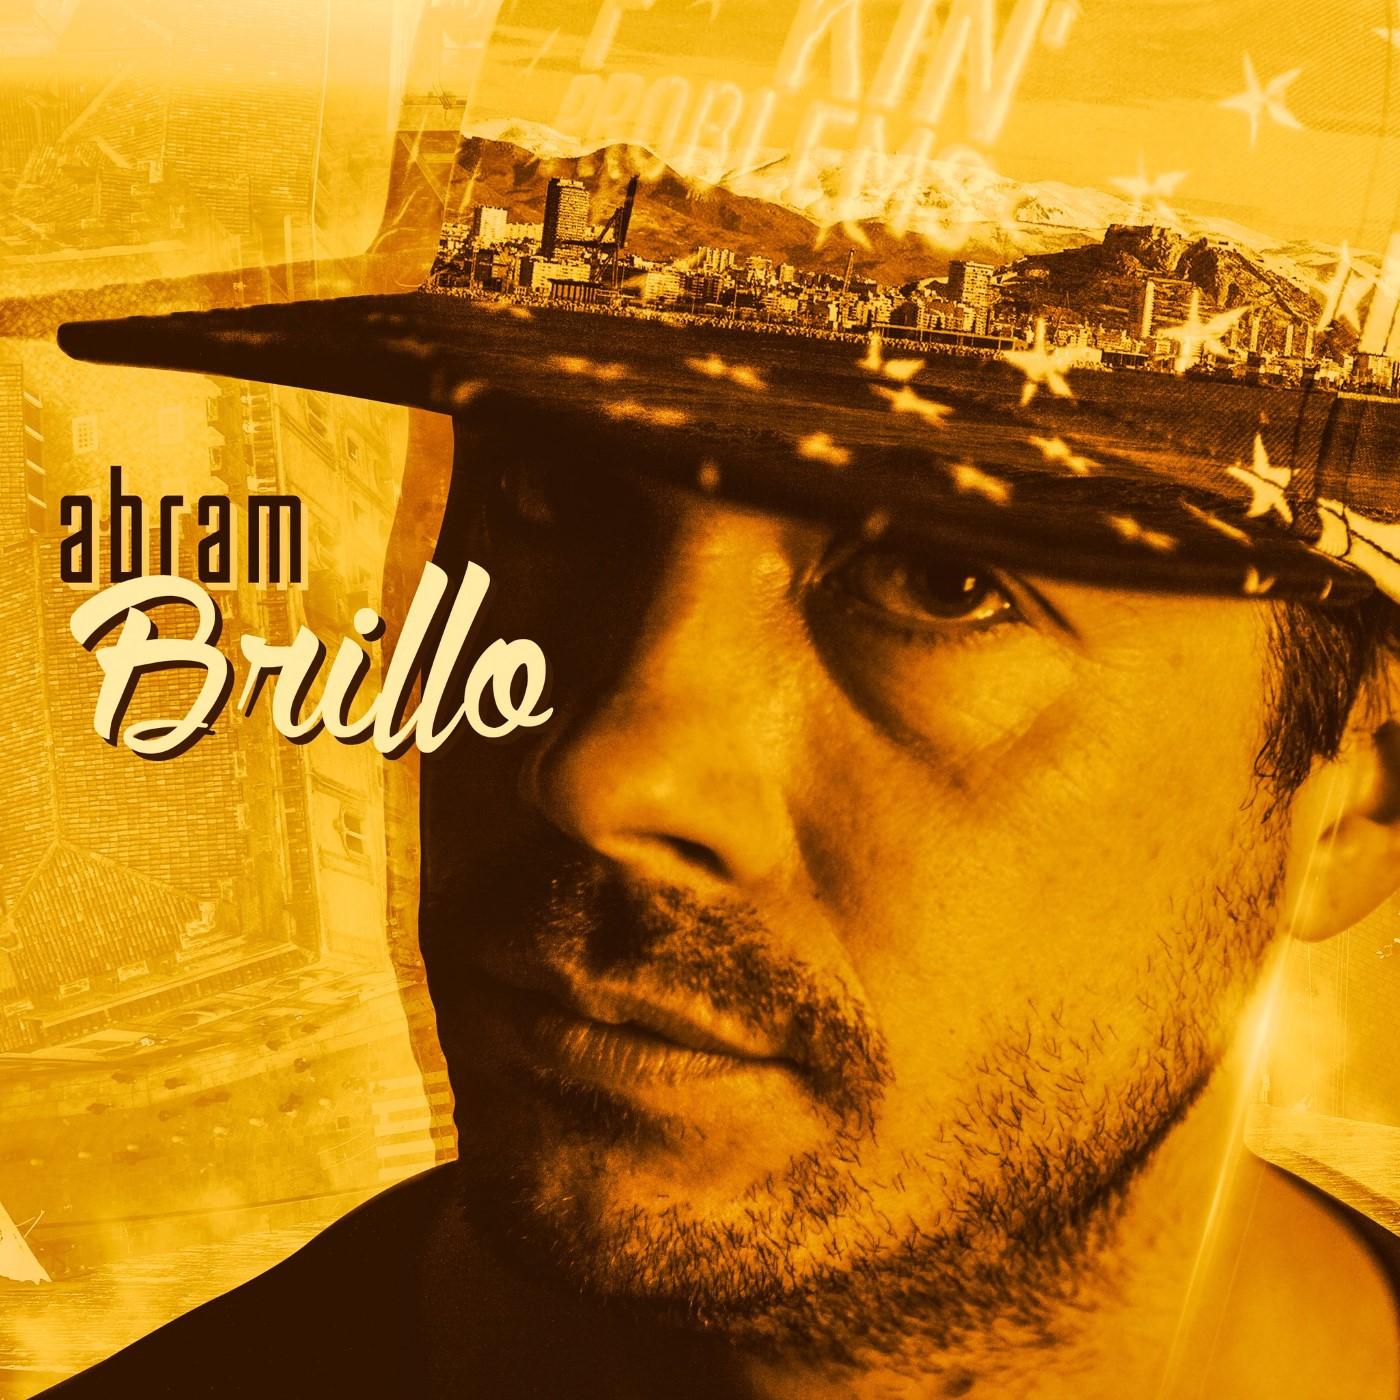 Abram - Brillo (Ficha del disco)